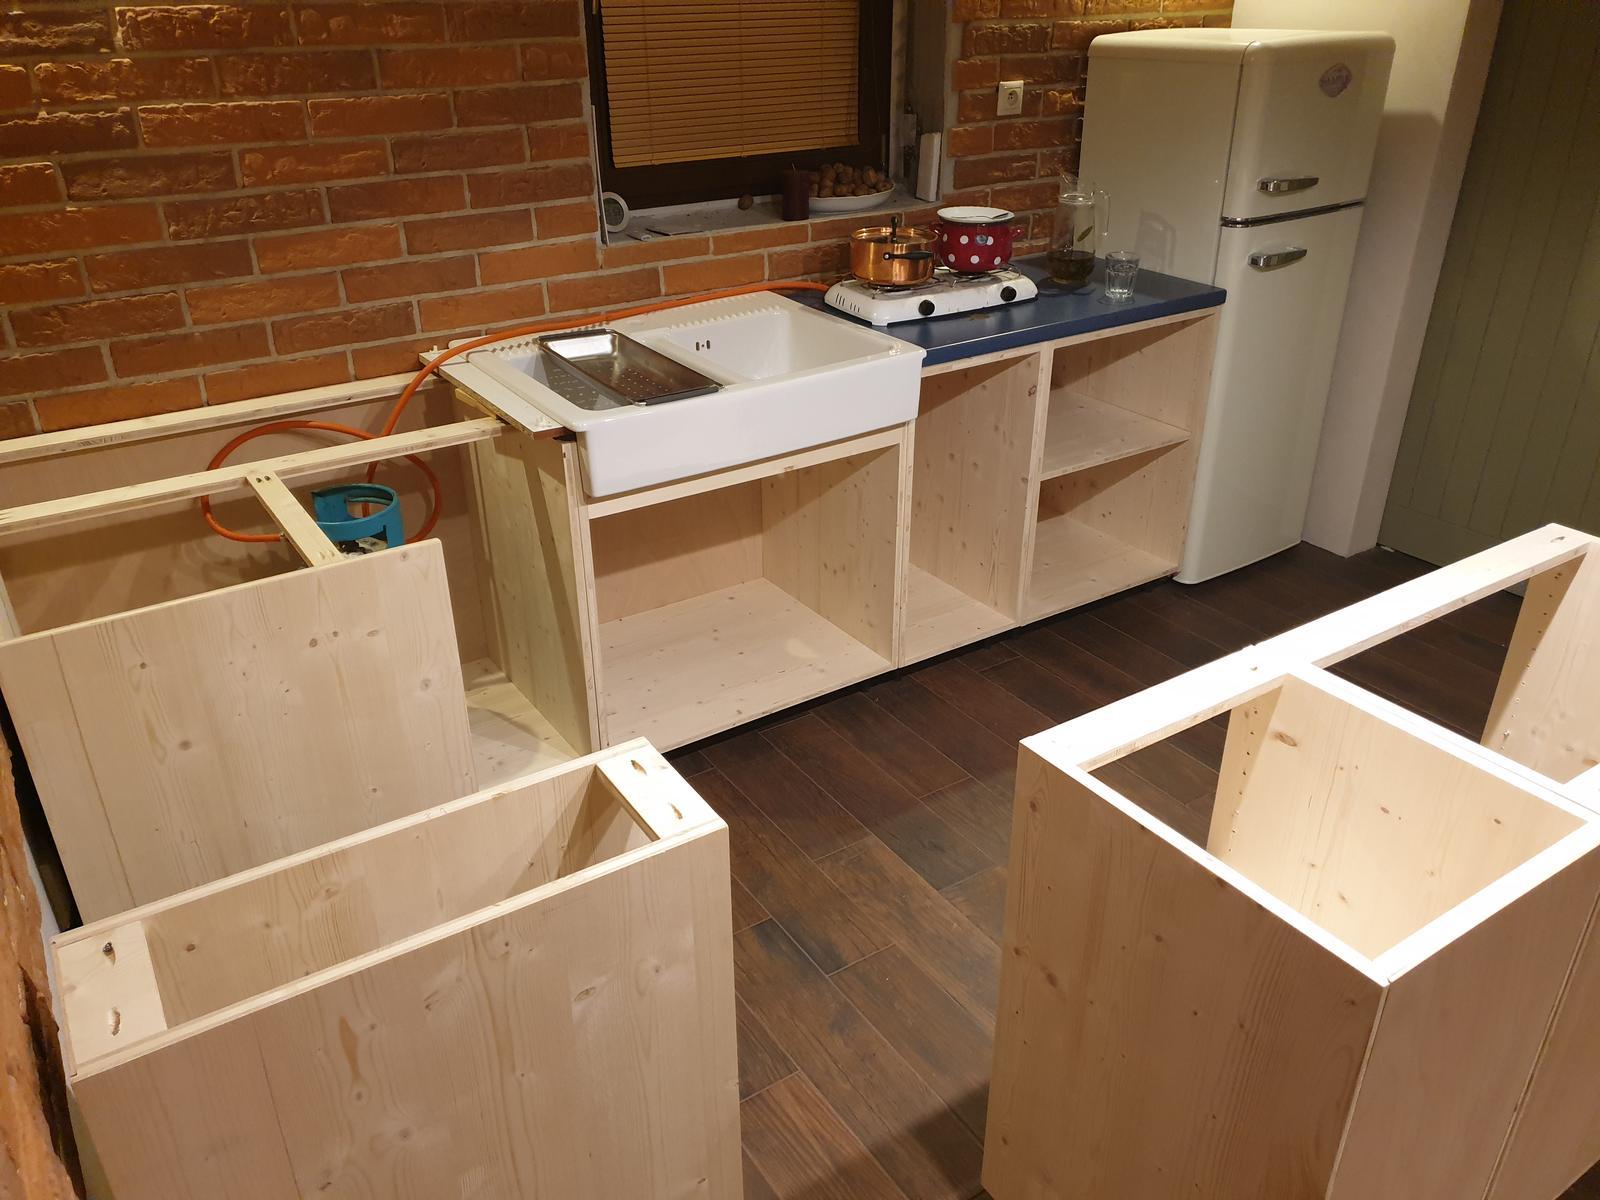 Kuchyňa svojpomocne - Dnes rohová skrinka. Sadla úplne presne